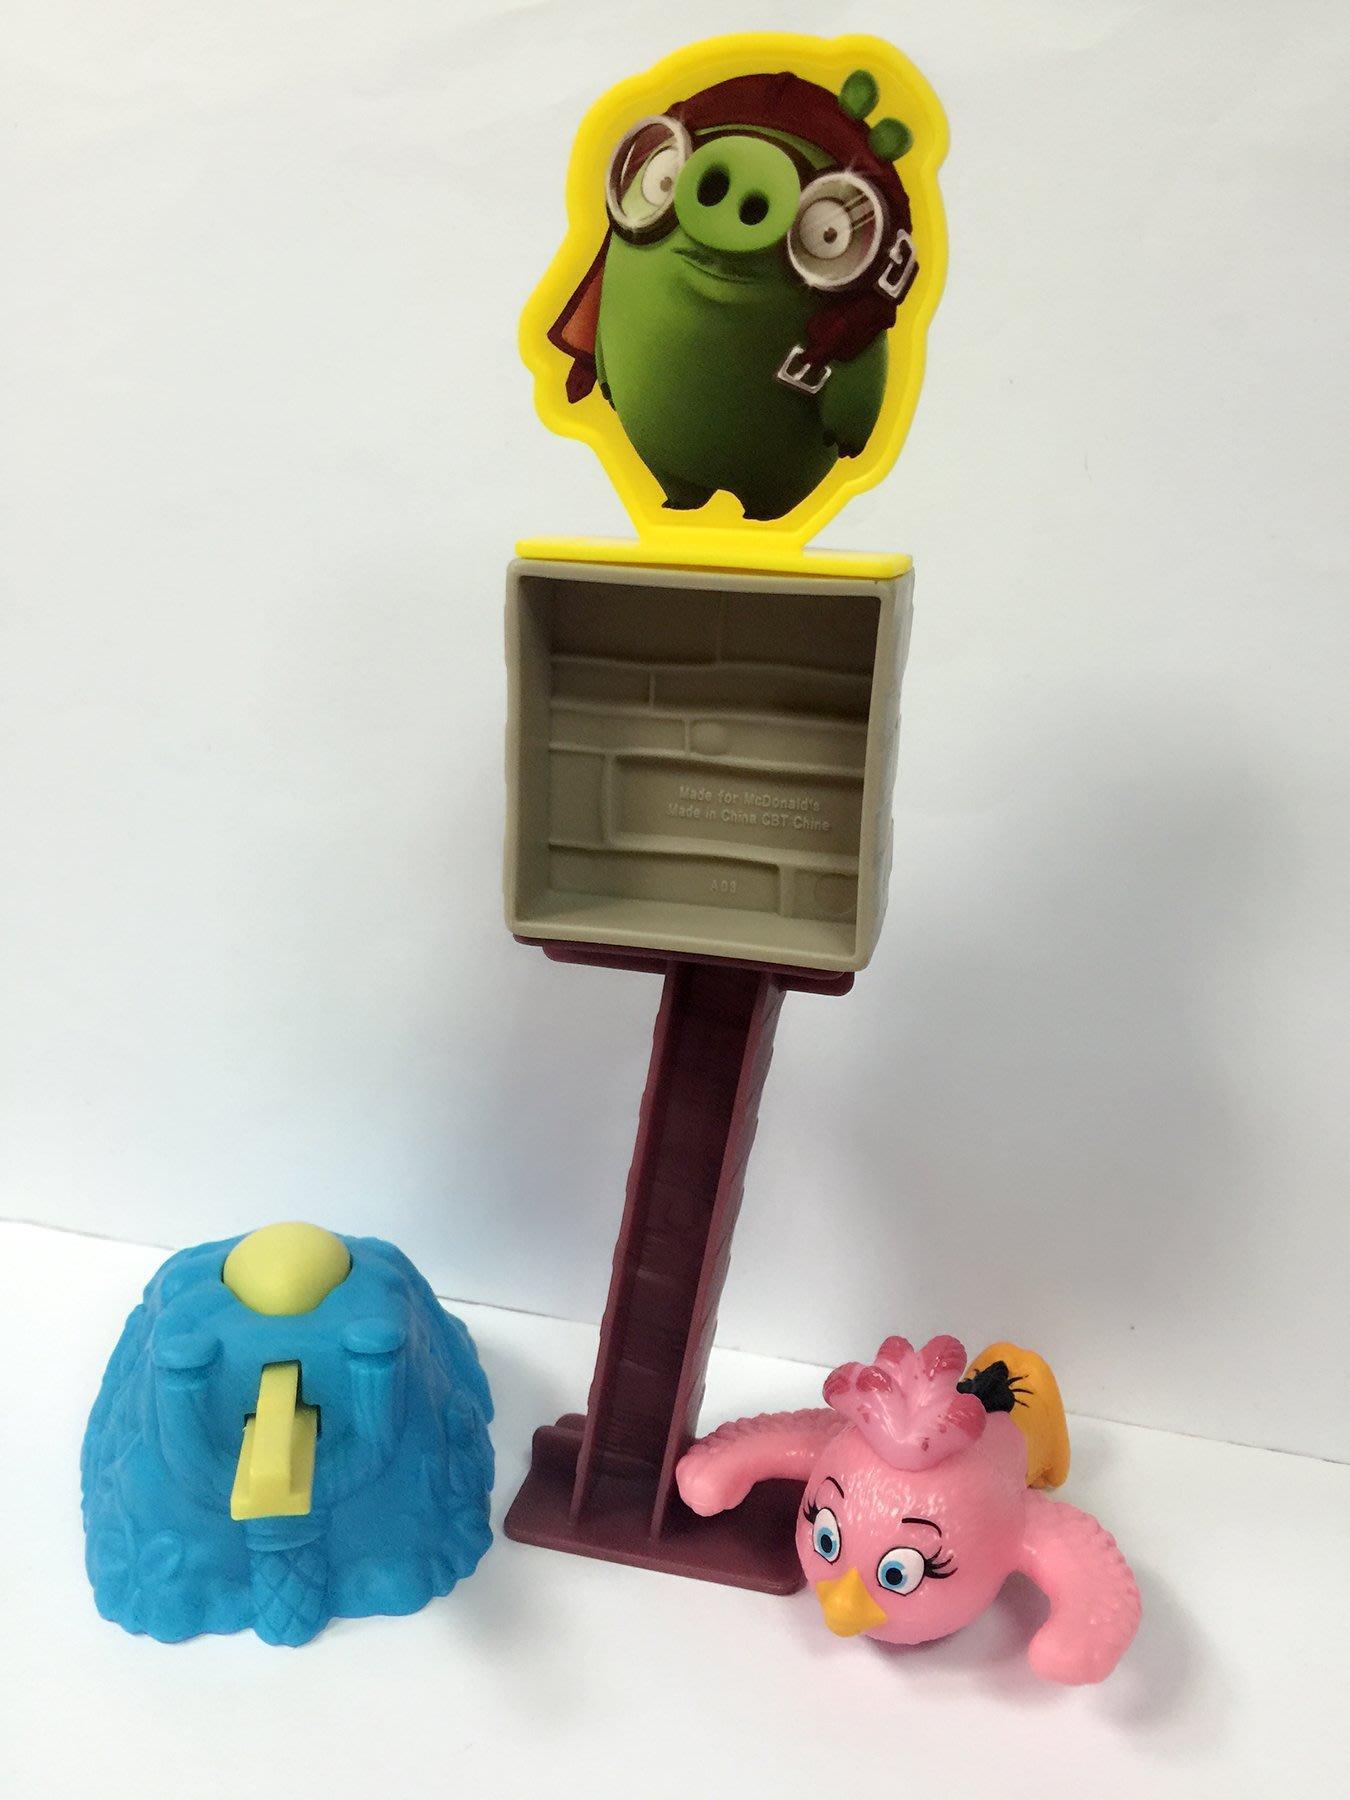 【小逸的髮寶】麥當勞2016年玩具~飛天思黛拉